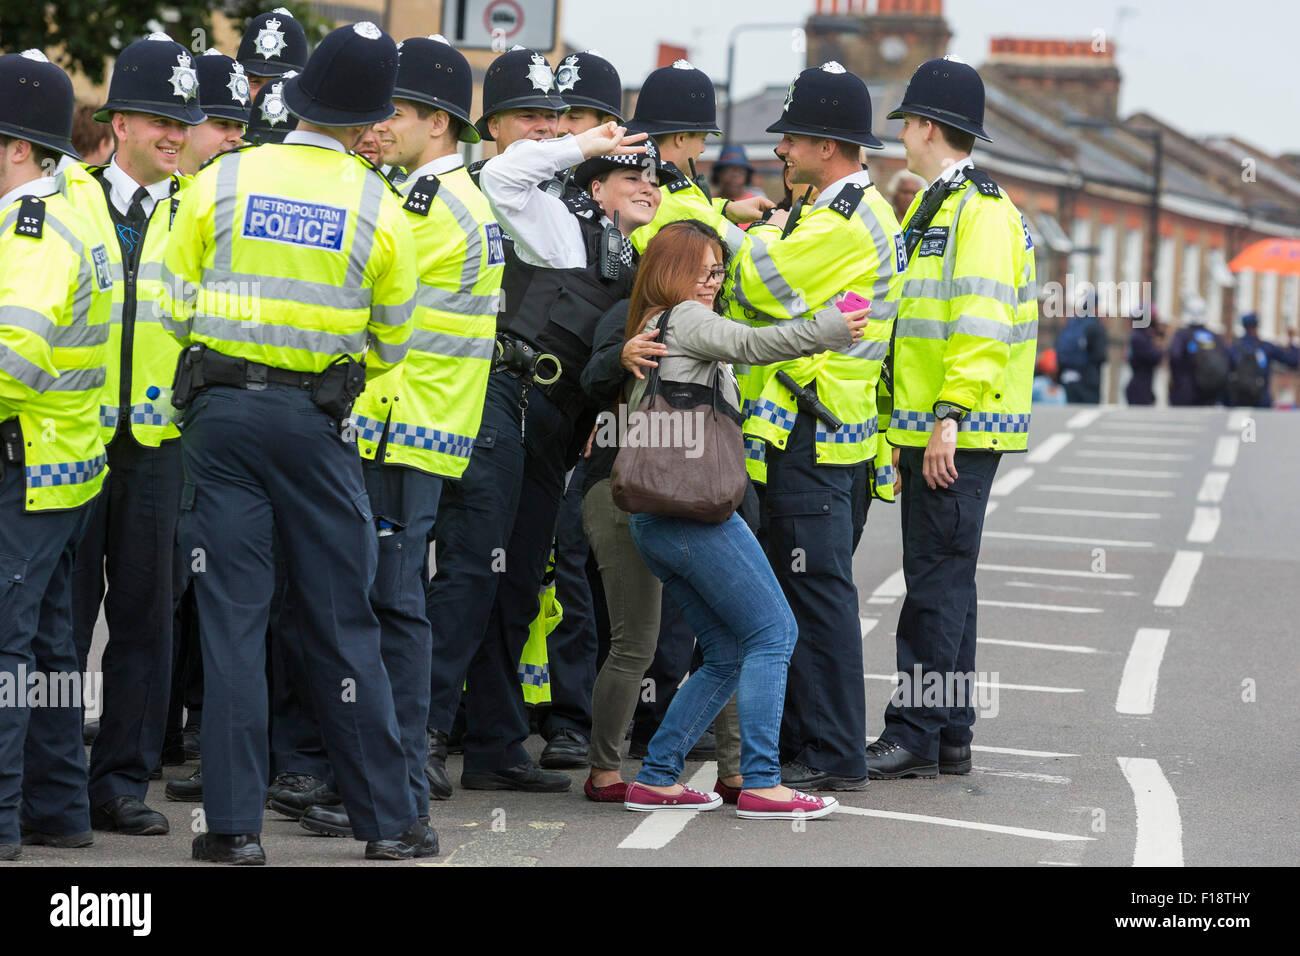 Londra, Regno Unito. Il 30 agosto 2015. Una femmina di funzionario di polizia pone per un selfie con festaioli. Immagini Stock